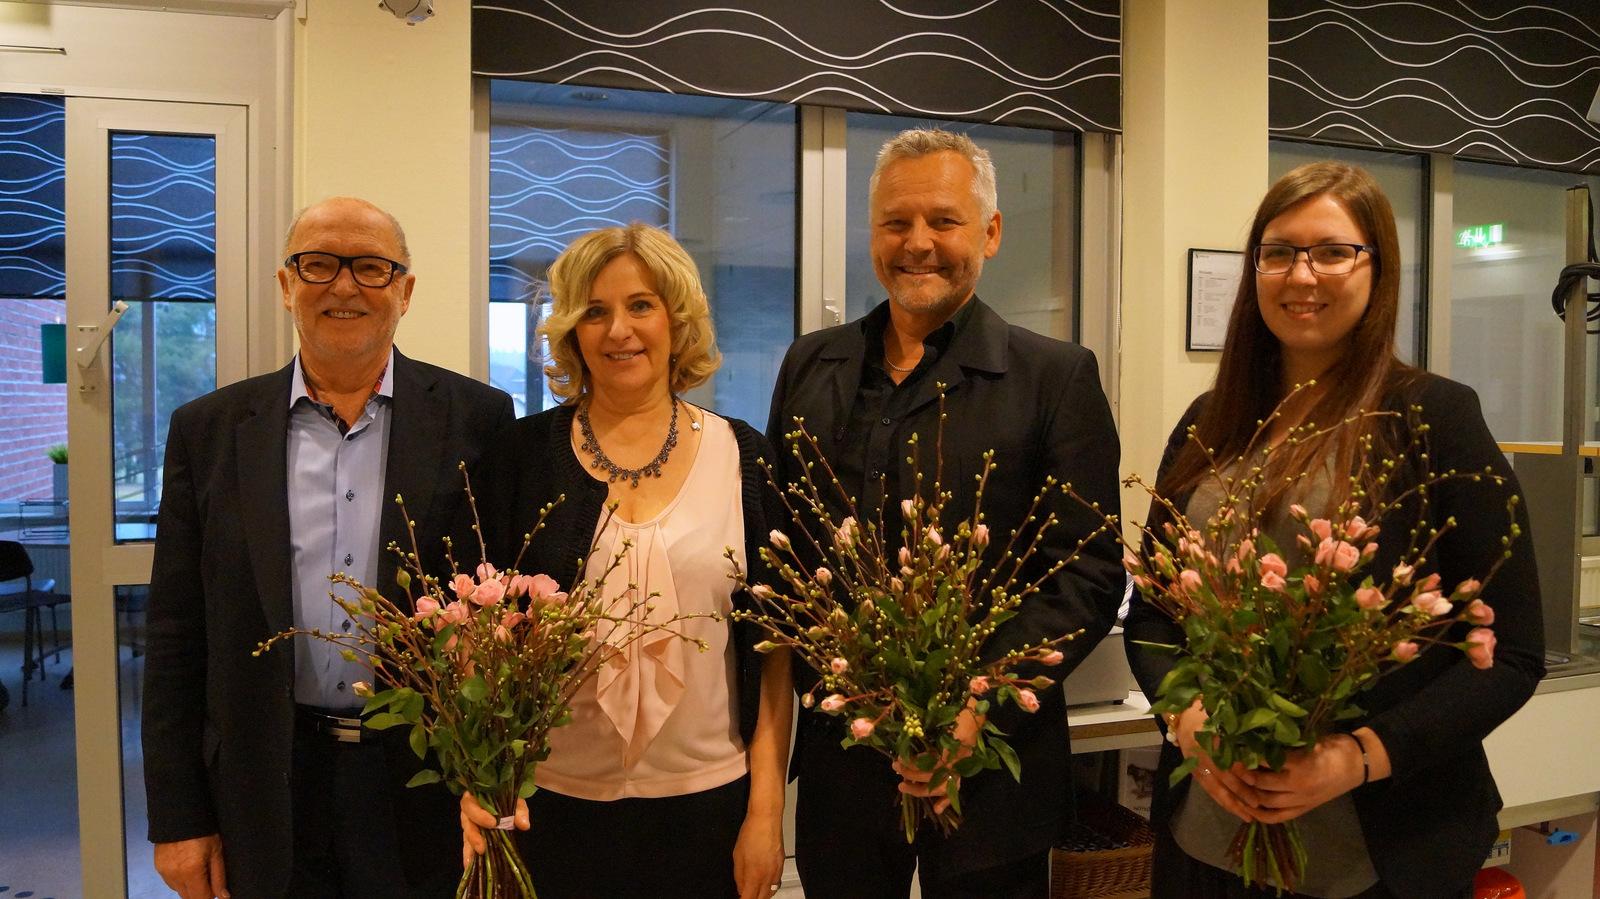 Håkan tillsammans med Cathrine L, Peter H och <julia <Jonsson.